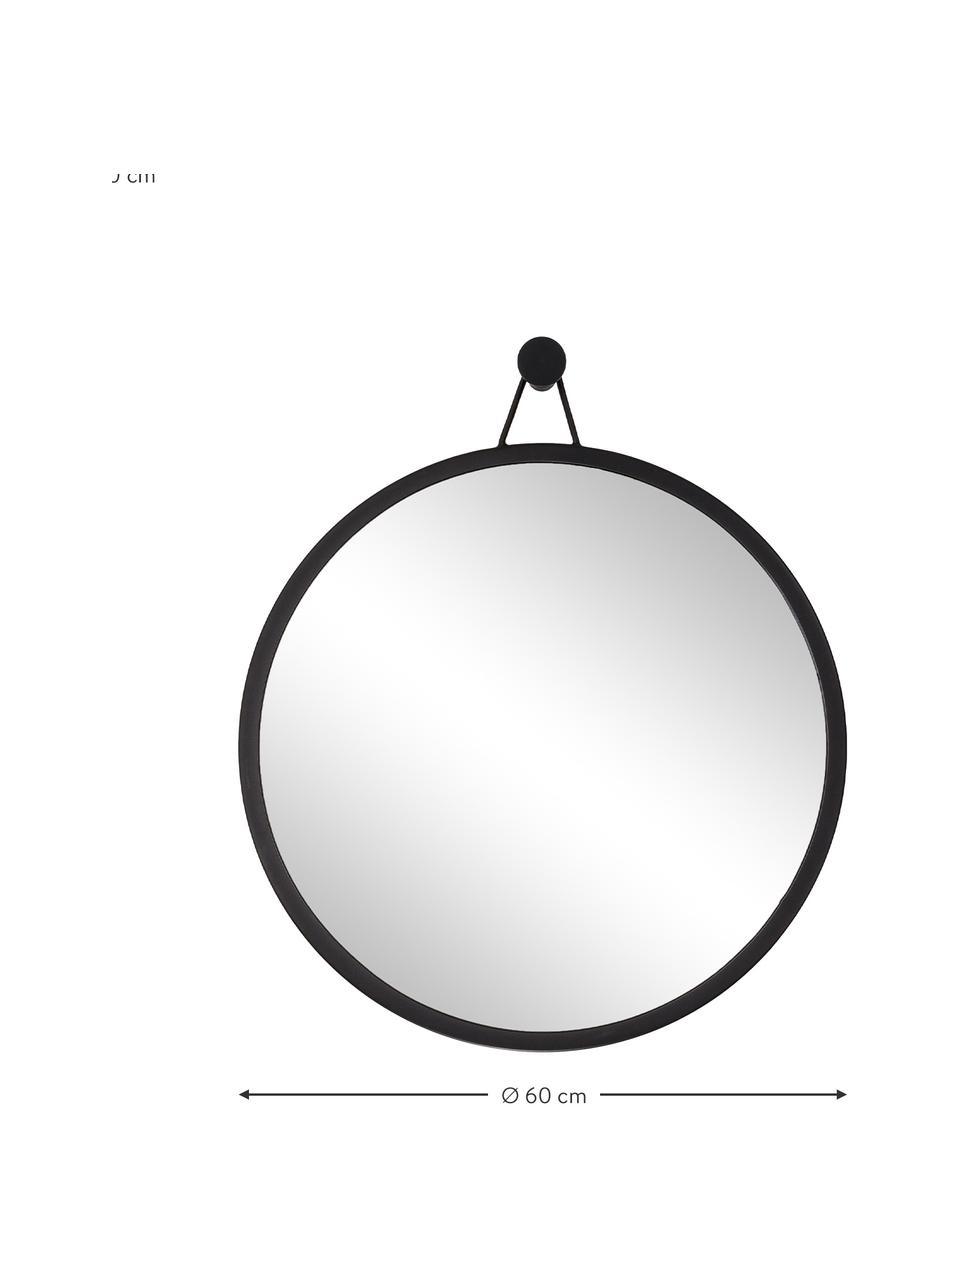 Specchio rotondo da parete con cornice nera Lizzy, Cornice: ferro verniciato a polver, Superficie dello specchio: lastra di vetro, Nero, Ø 60 cm